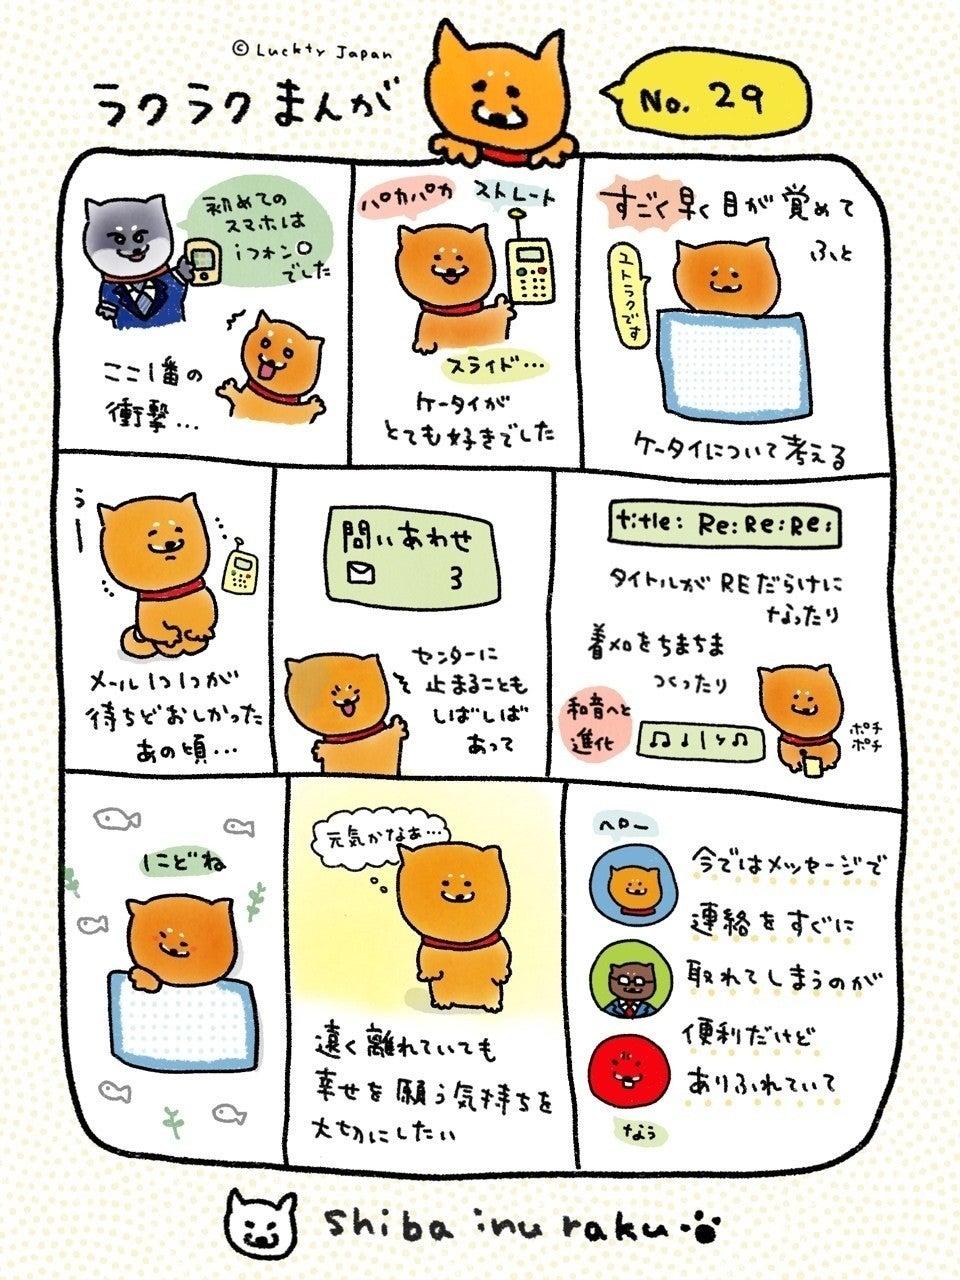 ラクラクまんが【No.29】ケータイの思い出